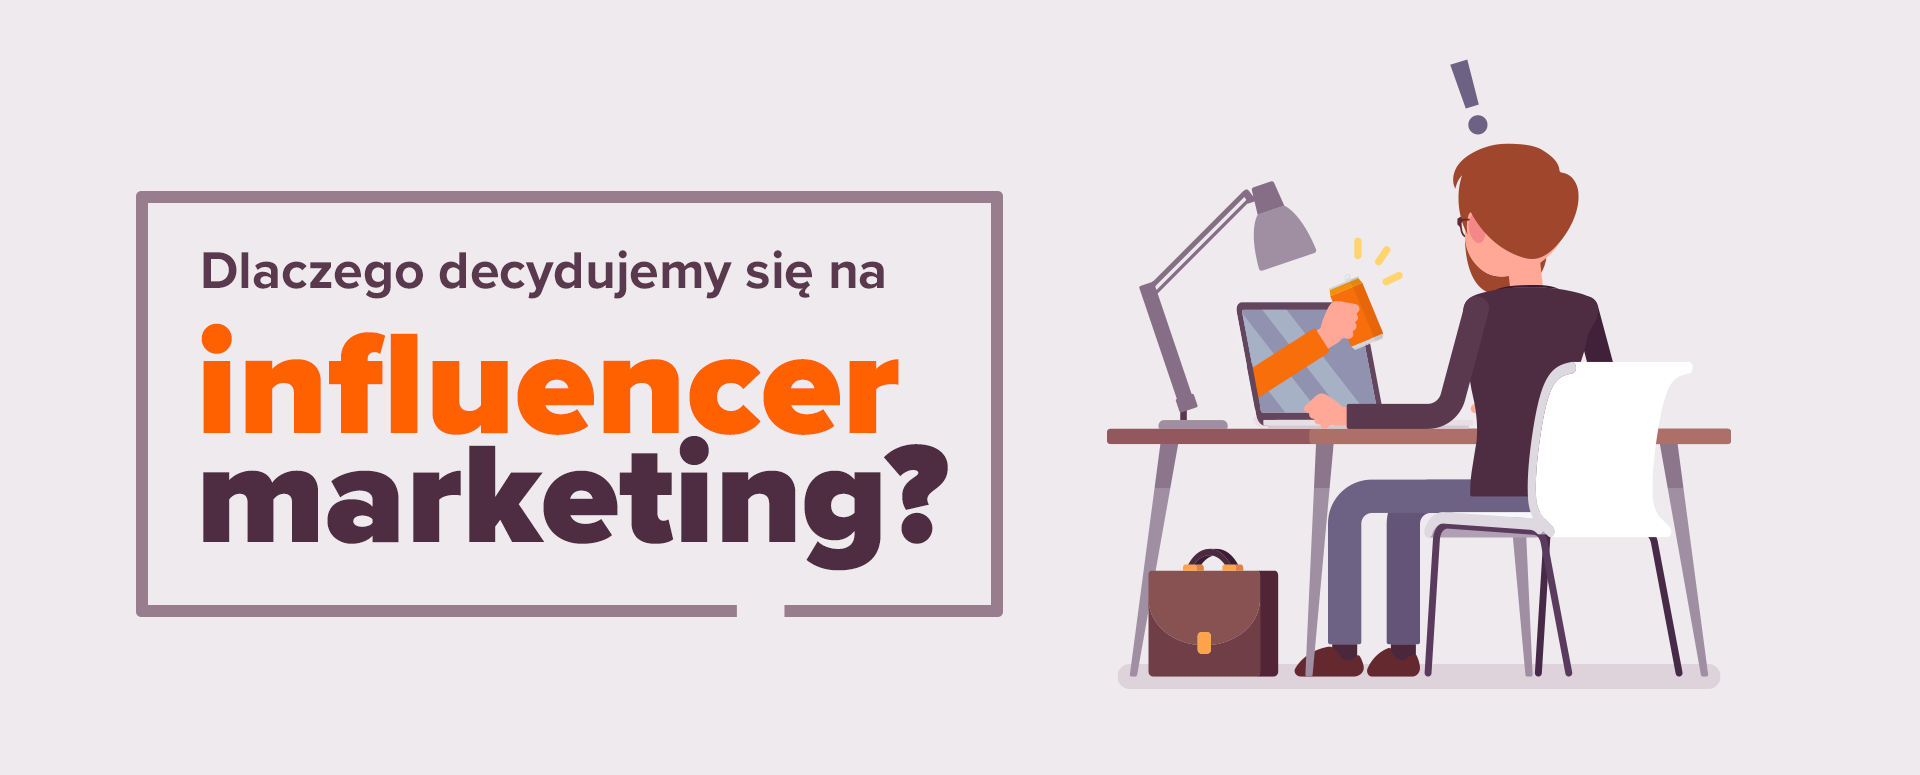 Dlaczego decydujemy się na influencer marketing?